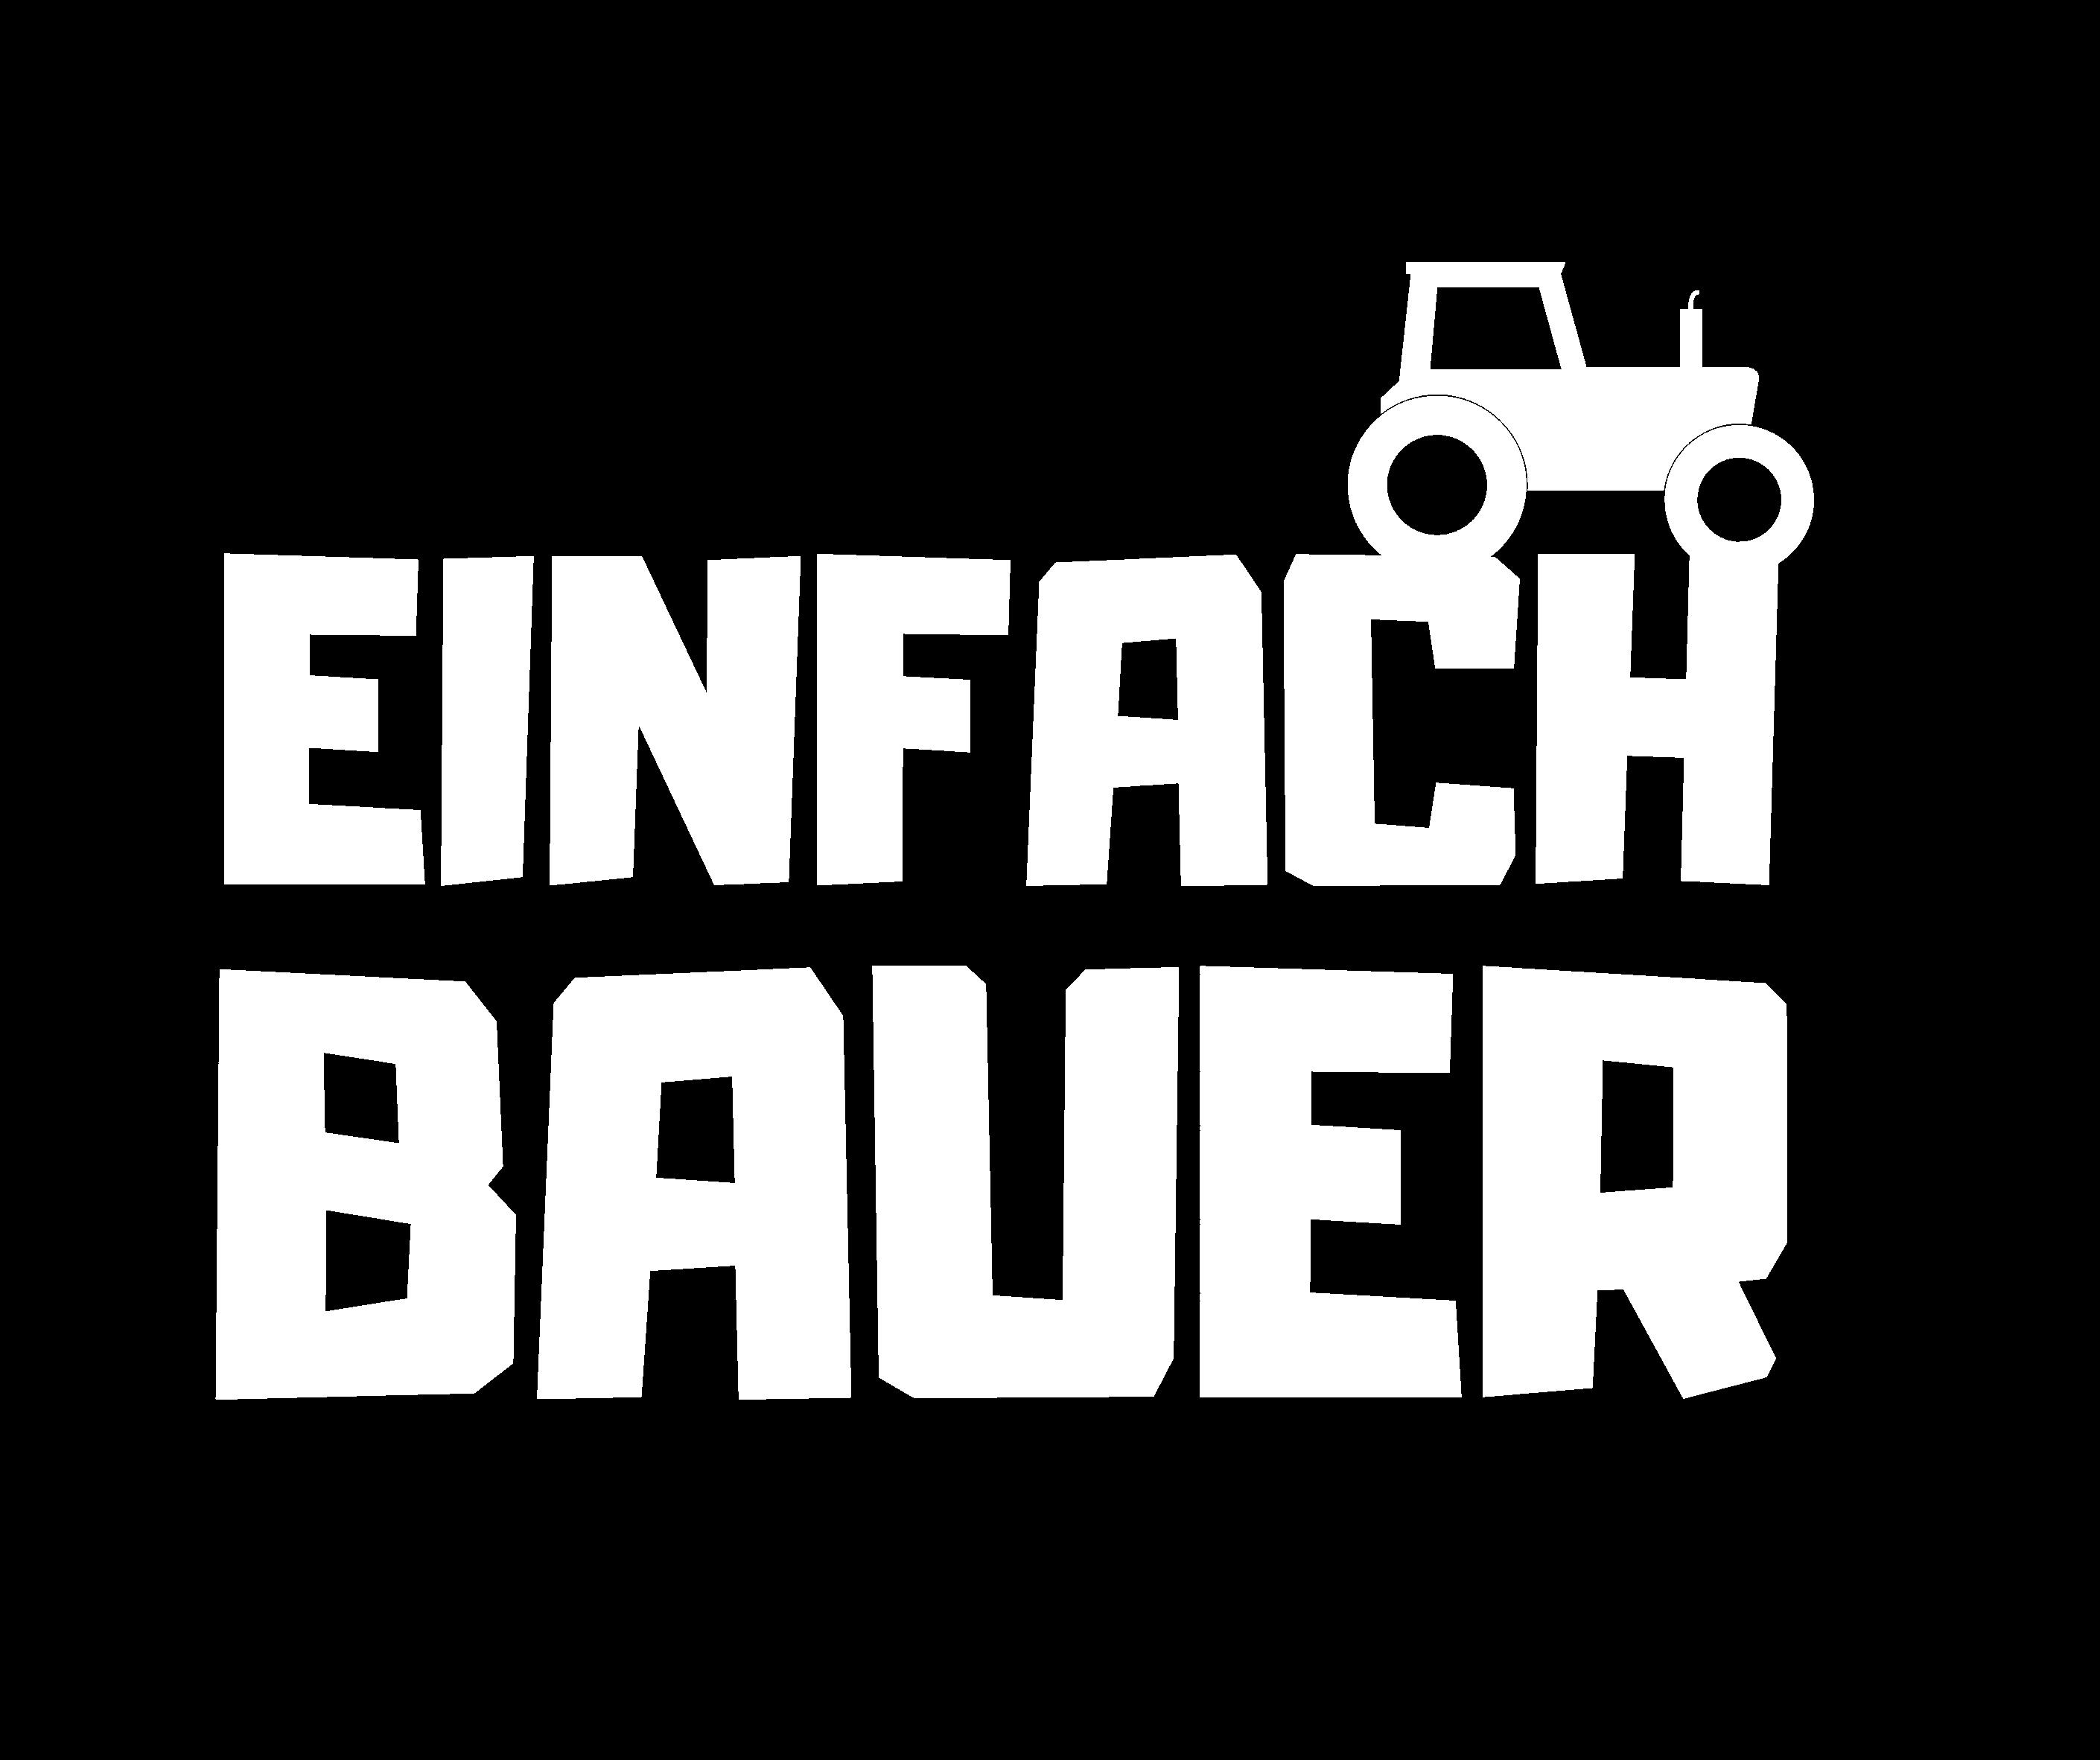 Einfach-Bauer